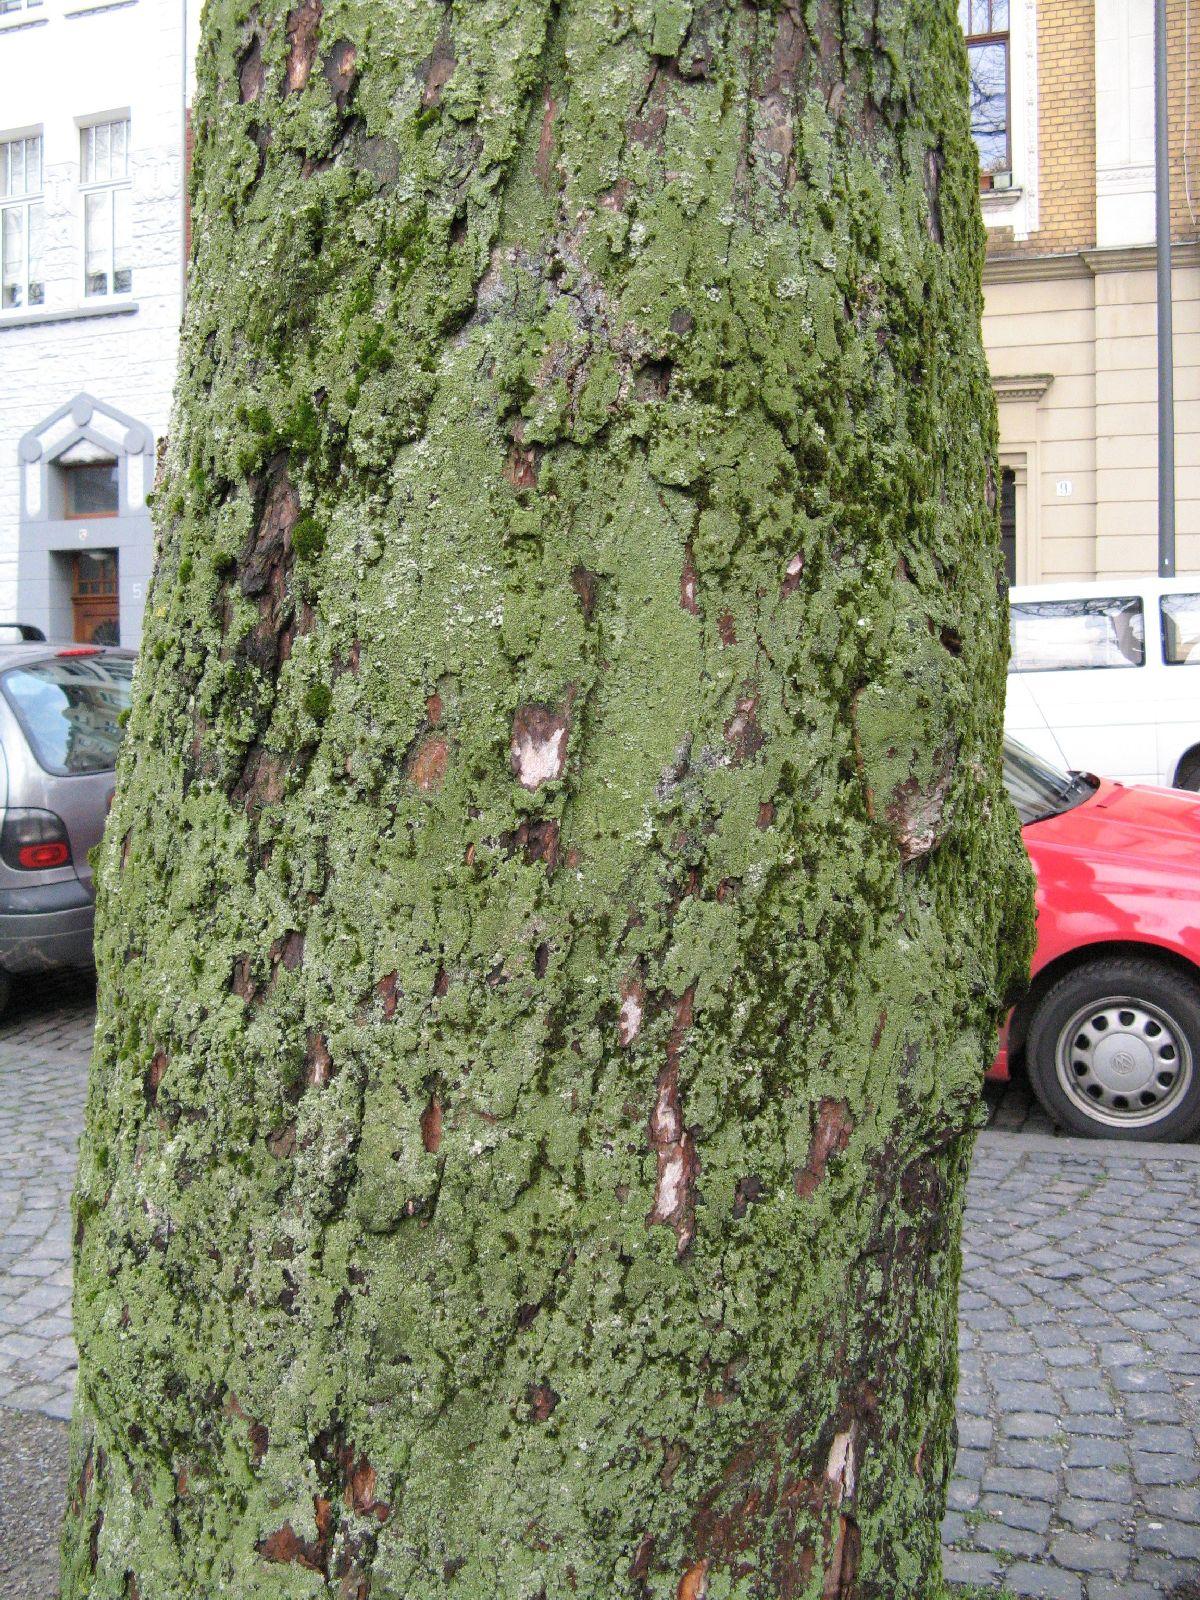 Baum-Rinde_Texturs_B_28930